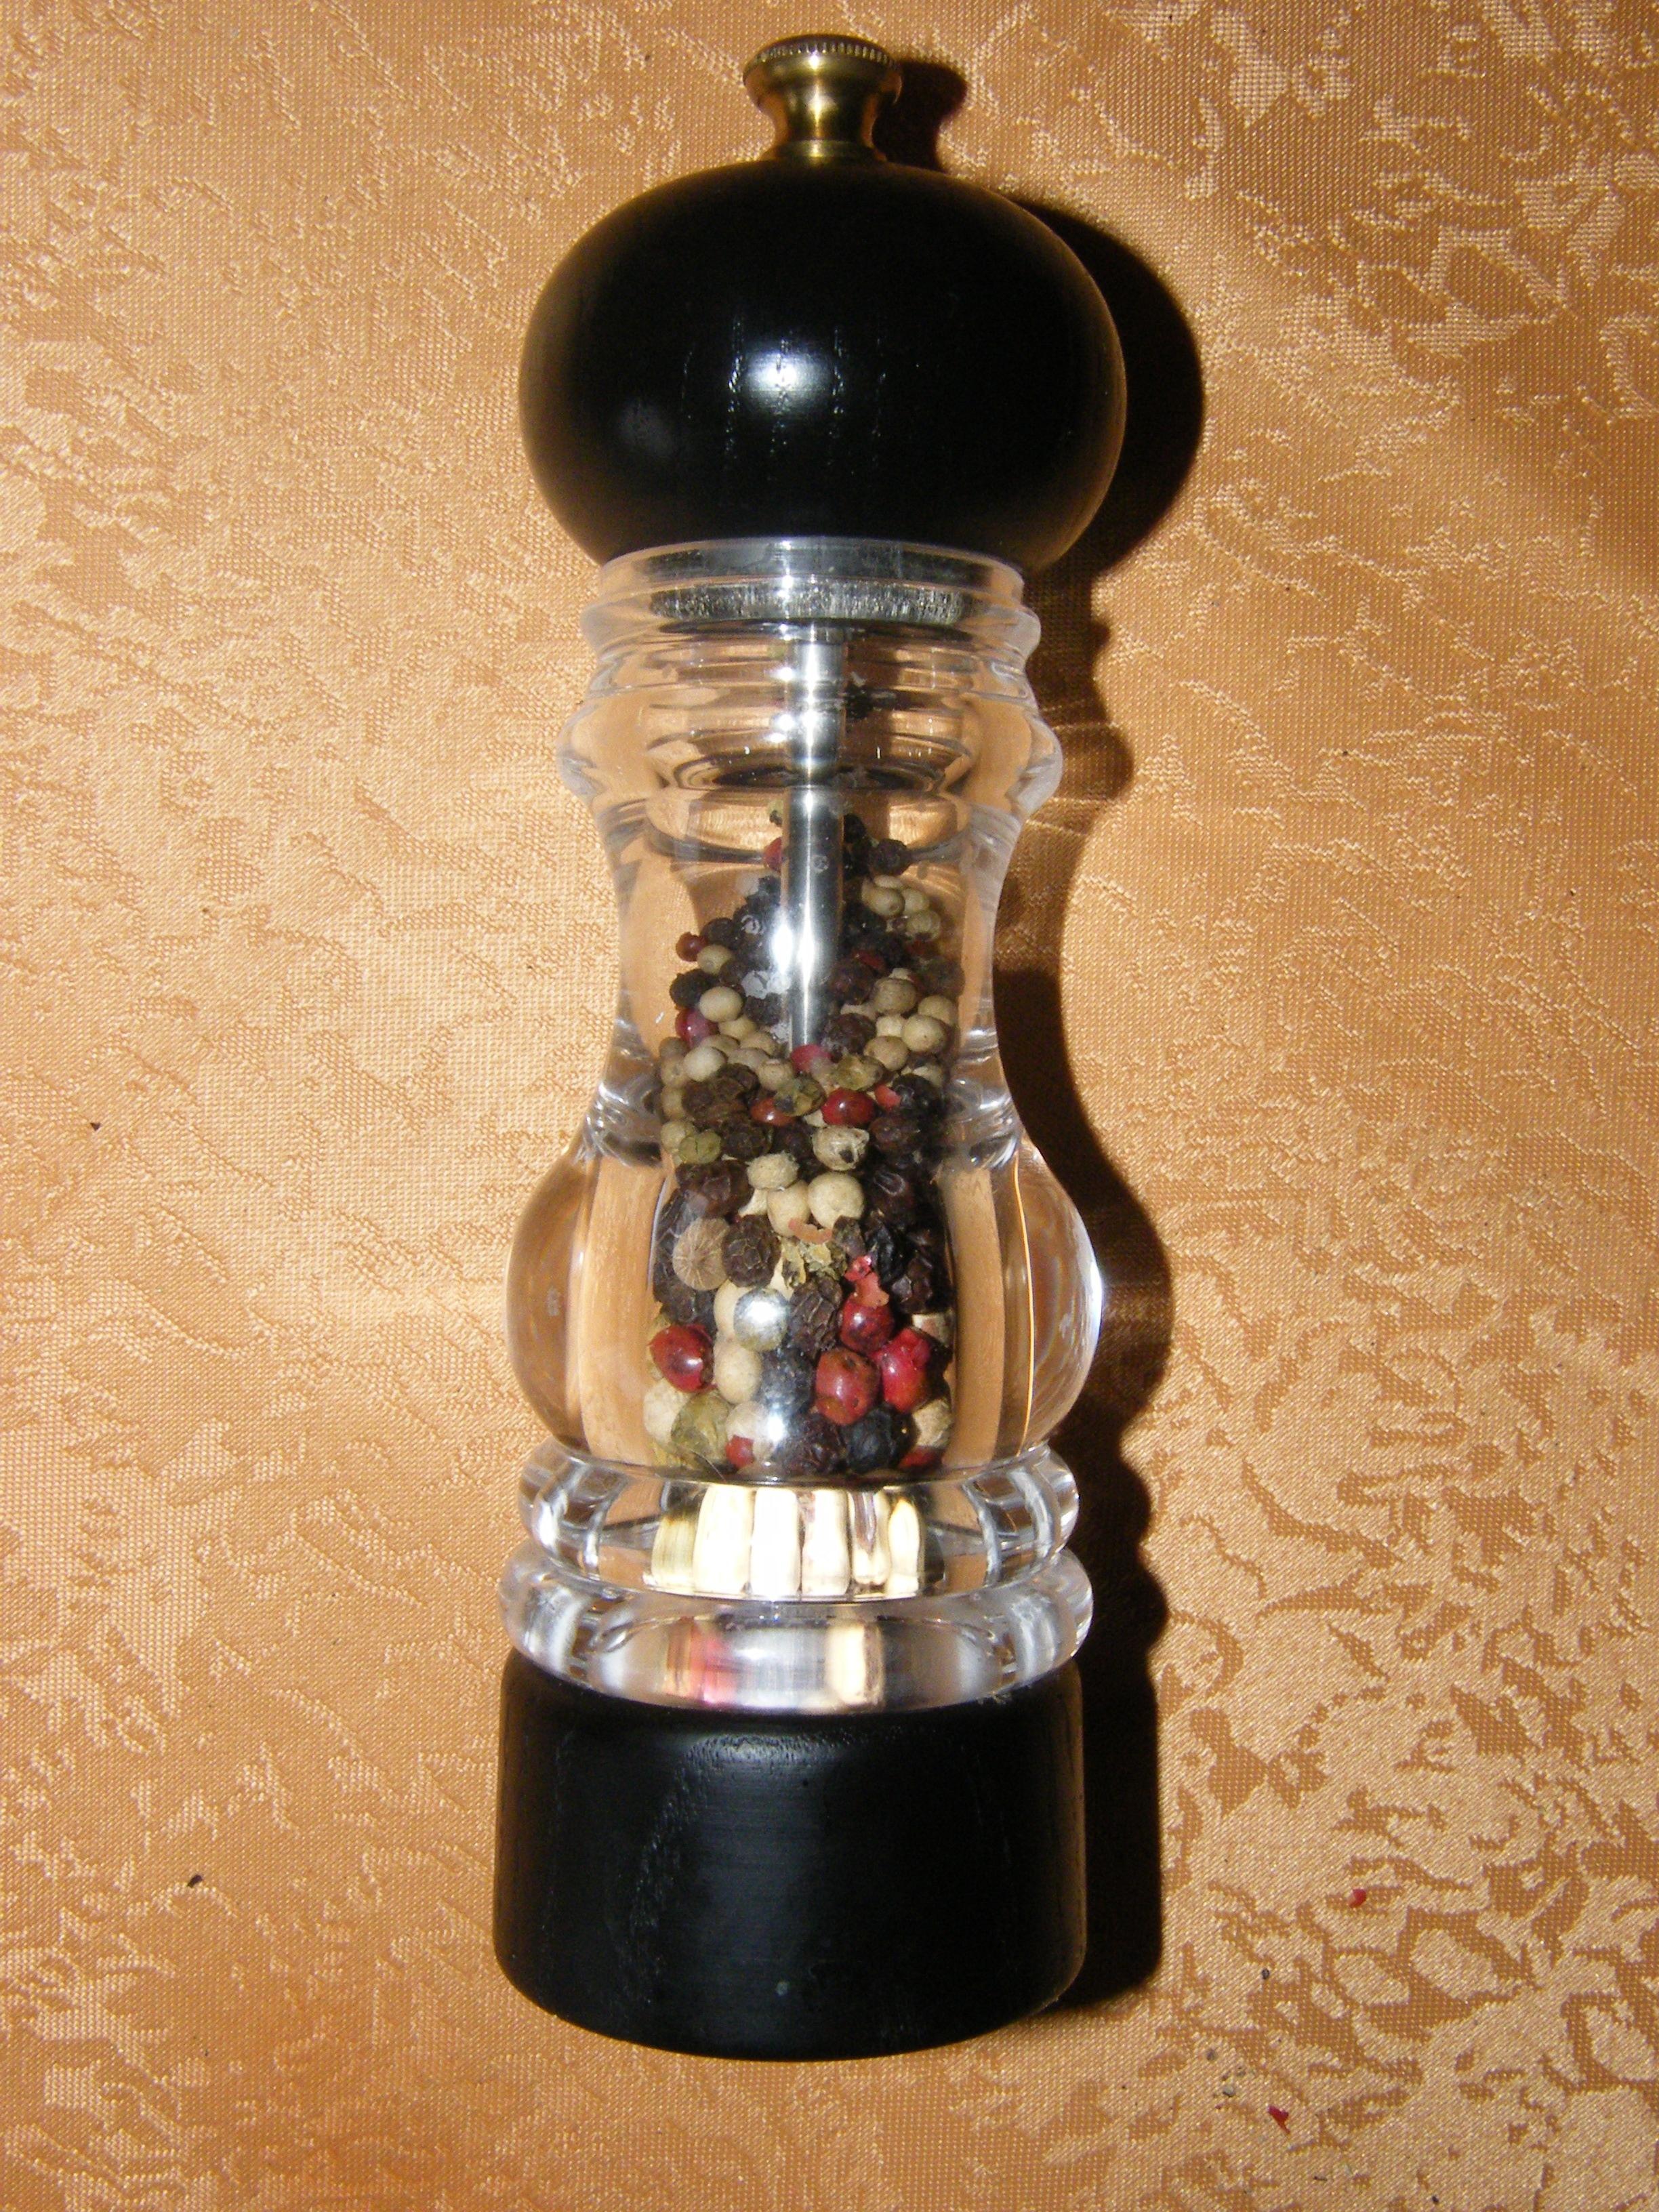 Kostenlose foto : Glas, Orange, Flasche, Lampe, bunt, Beleuchtung ...